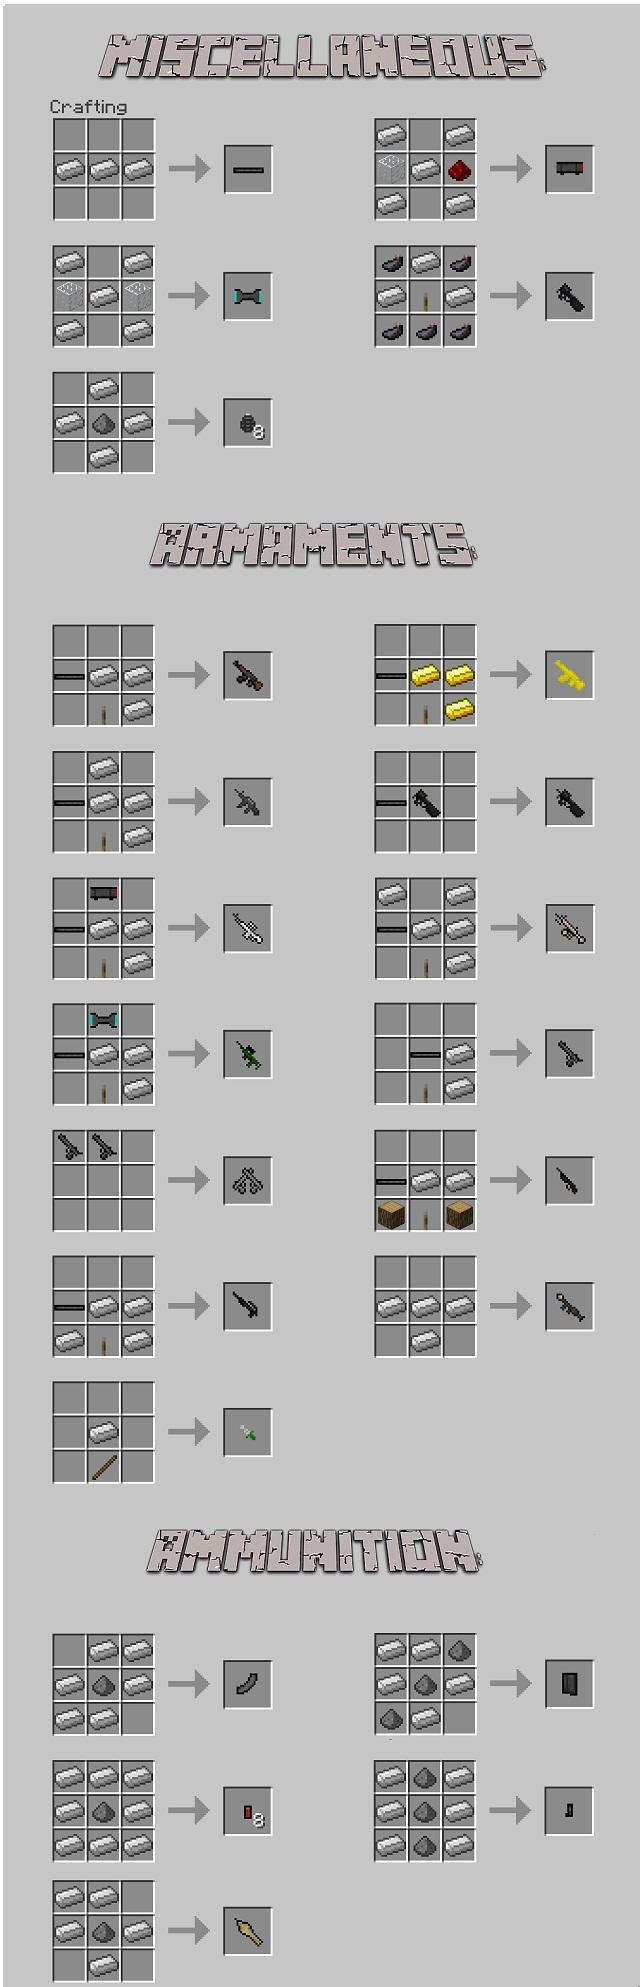 Скачать карту крепость для майнкрафт 1.5.2